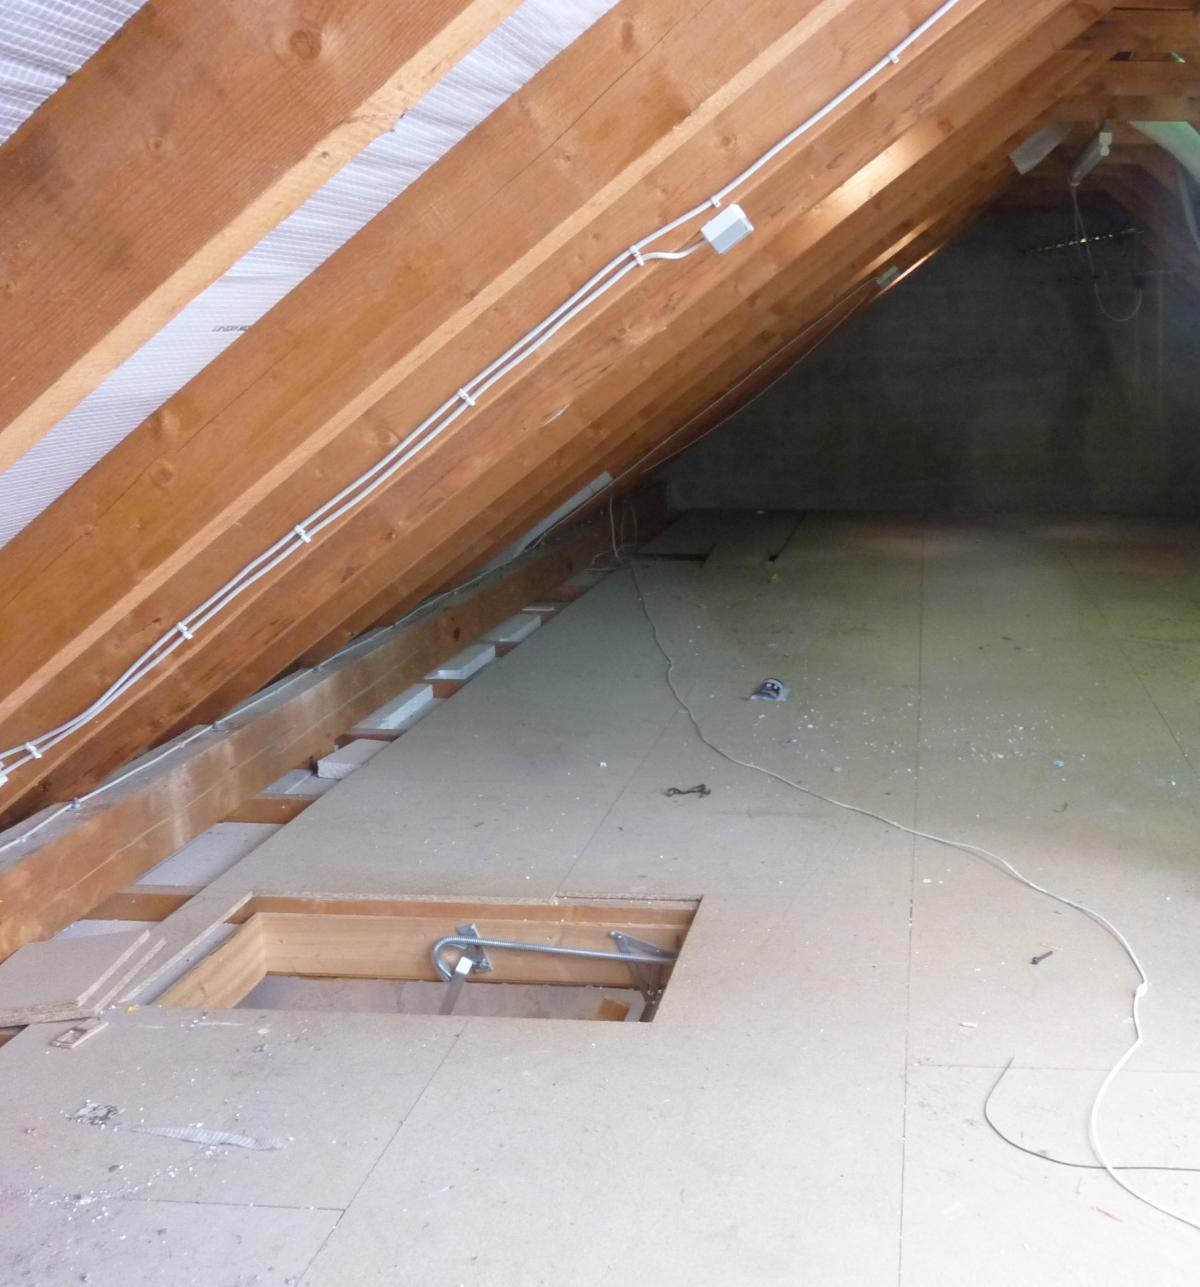 lösung für tauwasserprobleme - dach+holzbau